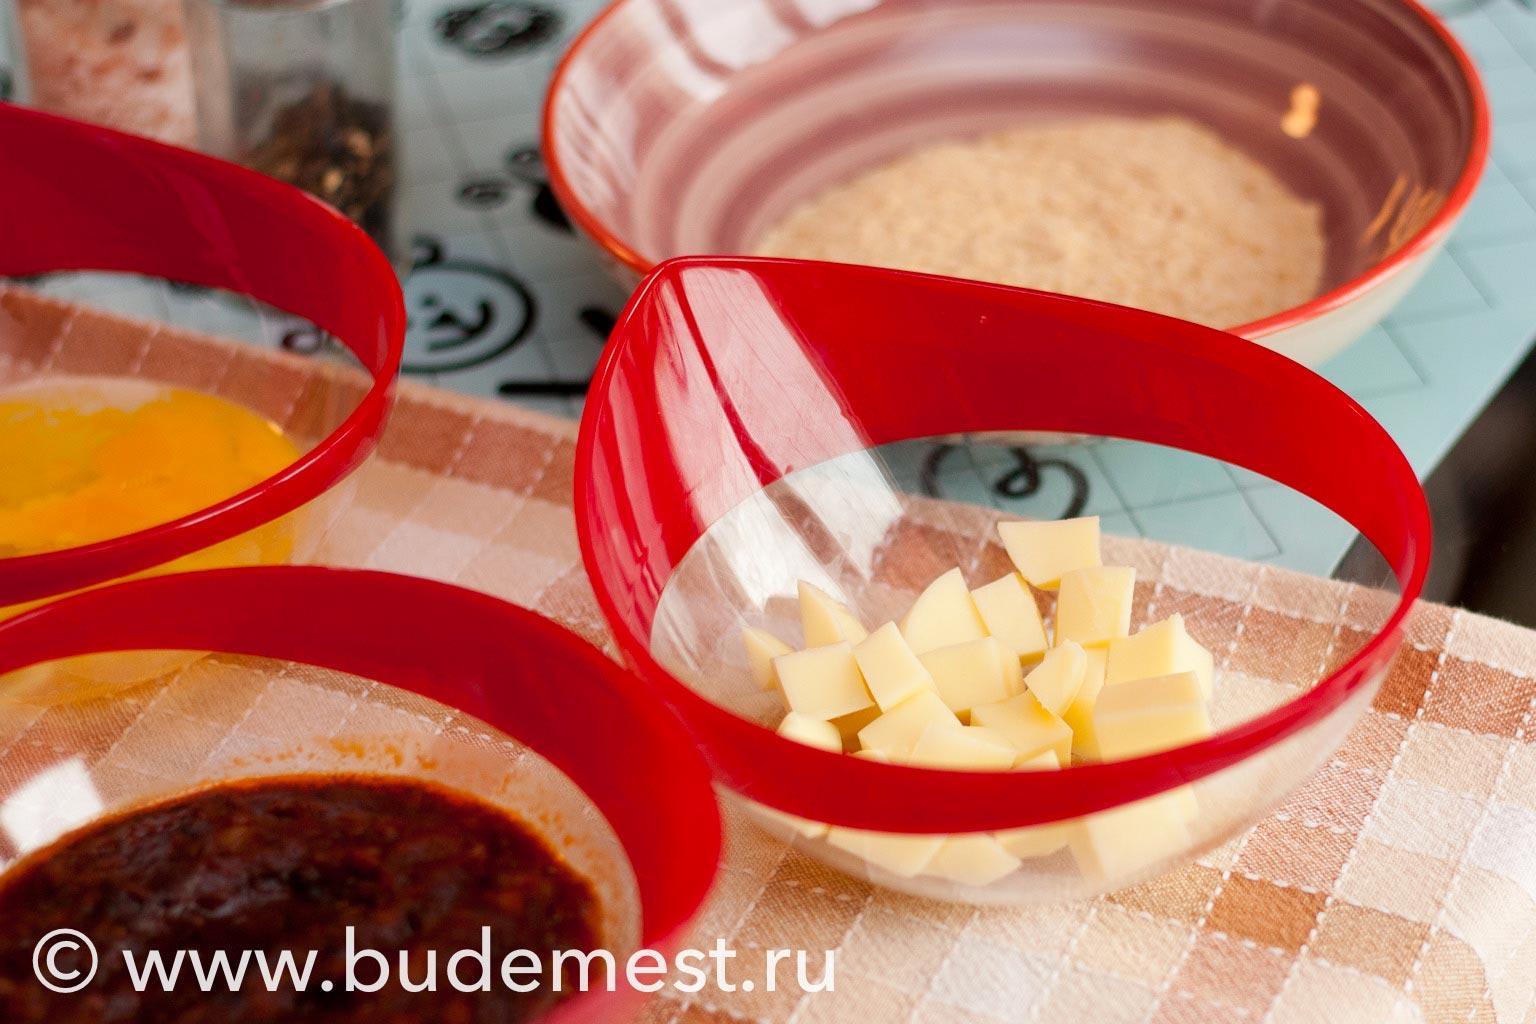 Нарежьте сыр небольшими кубиками